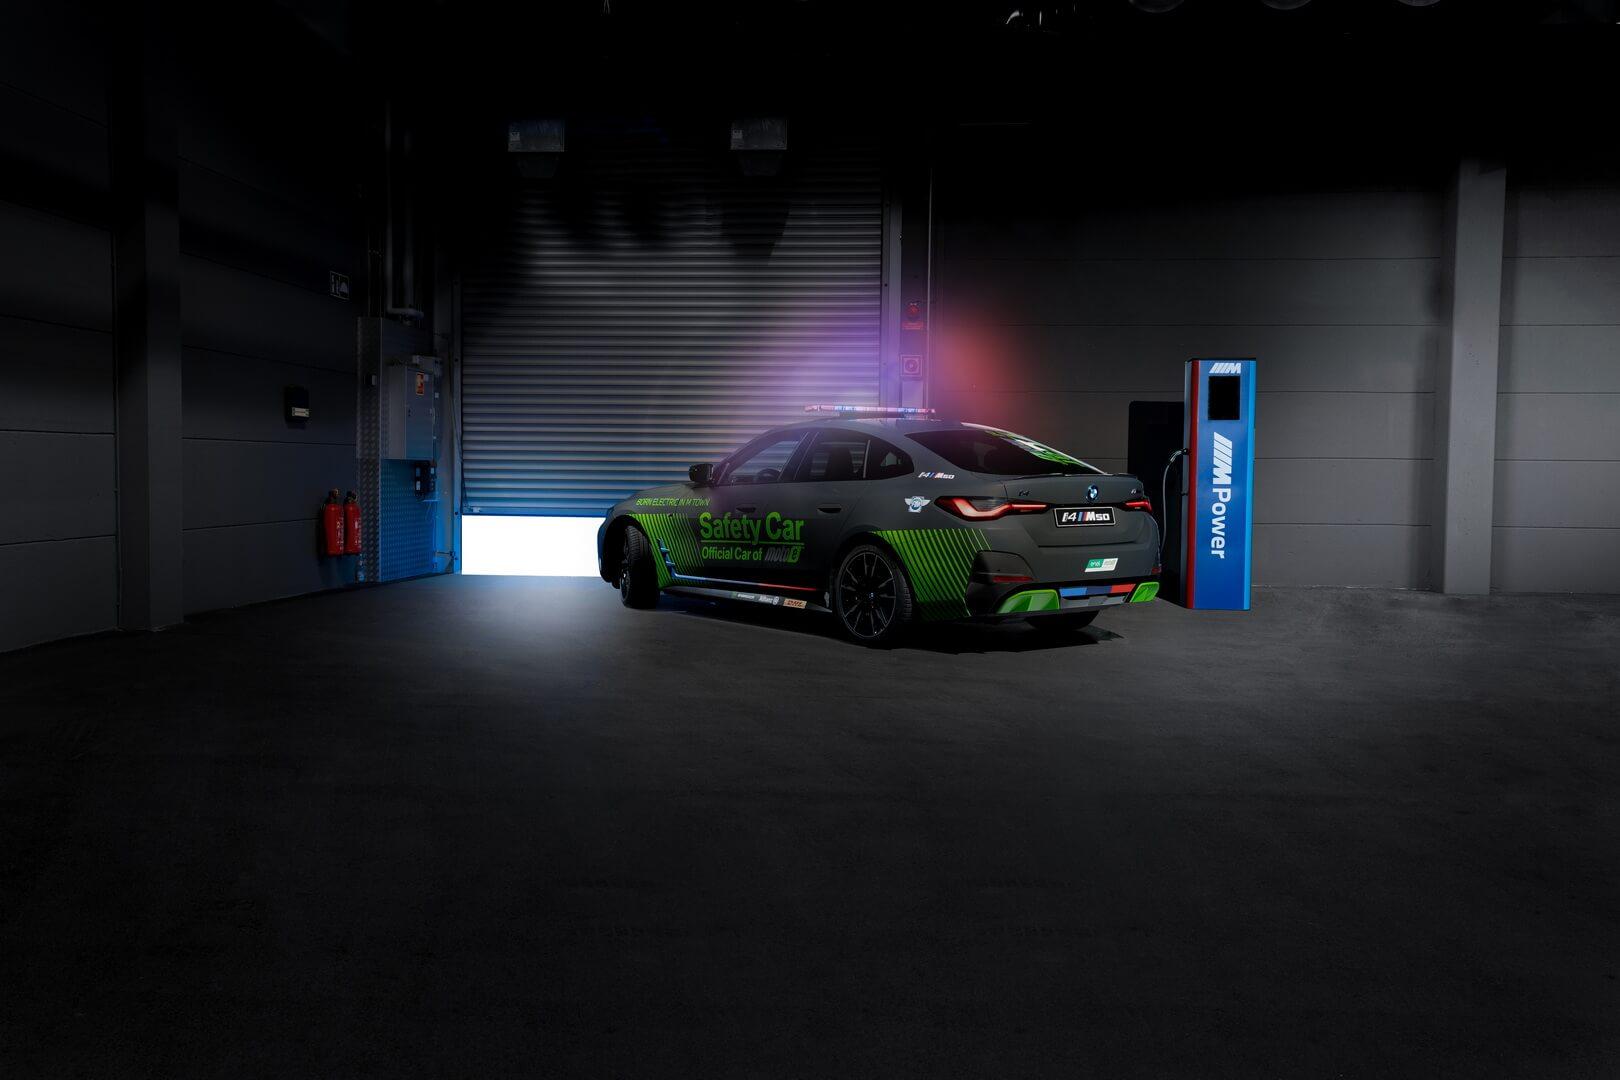 BMW выпустила электрический электрический автомобиль безопасности для MotoGP